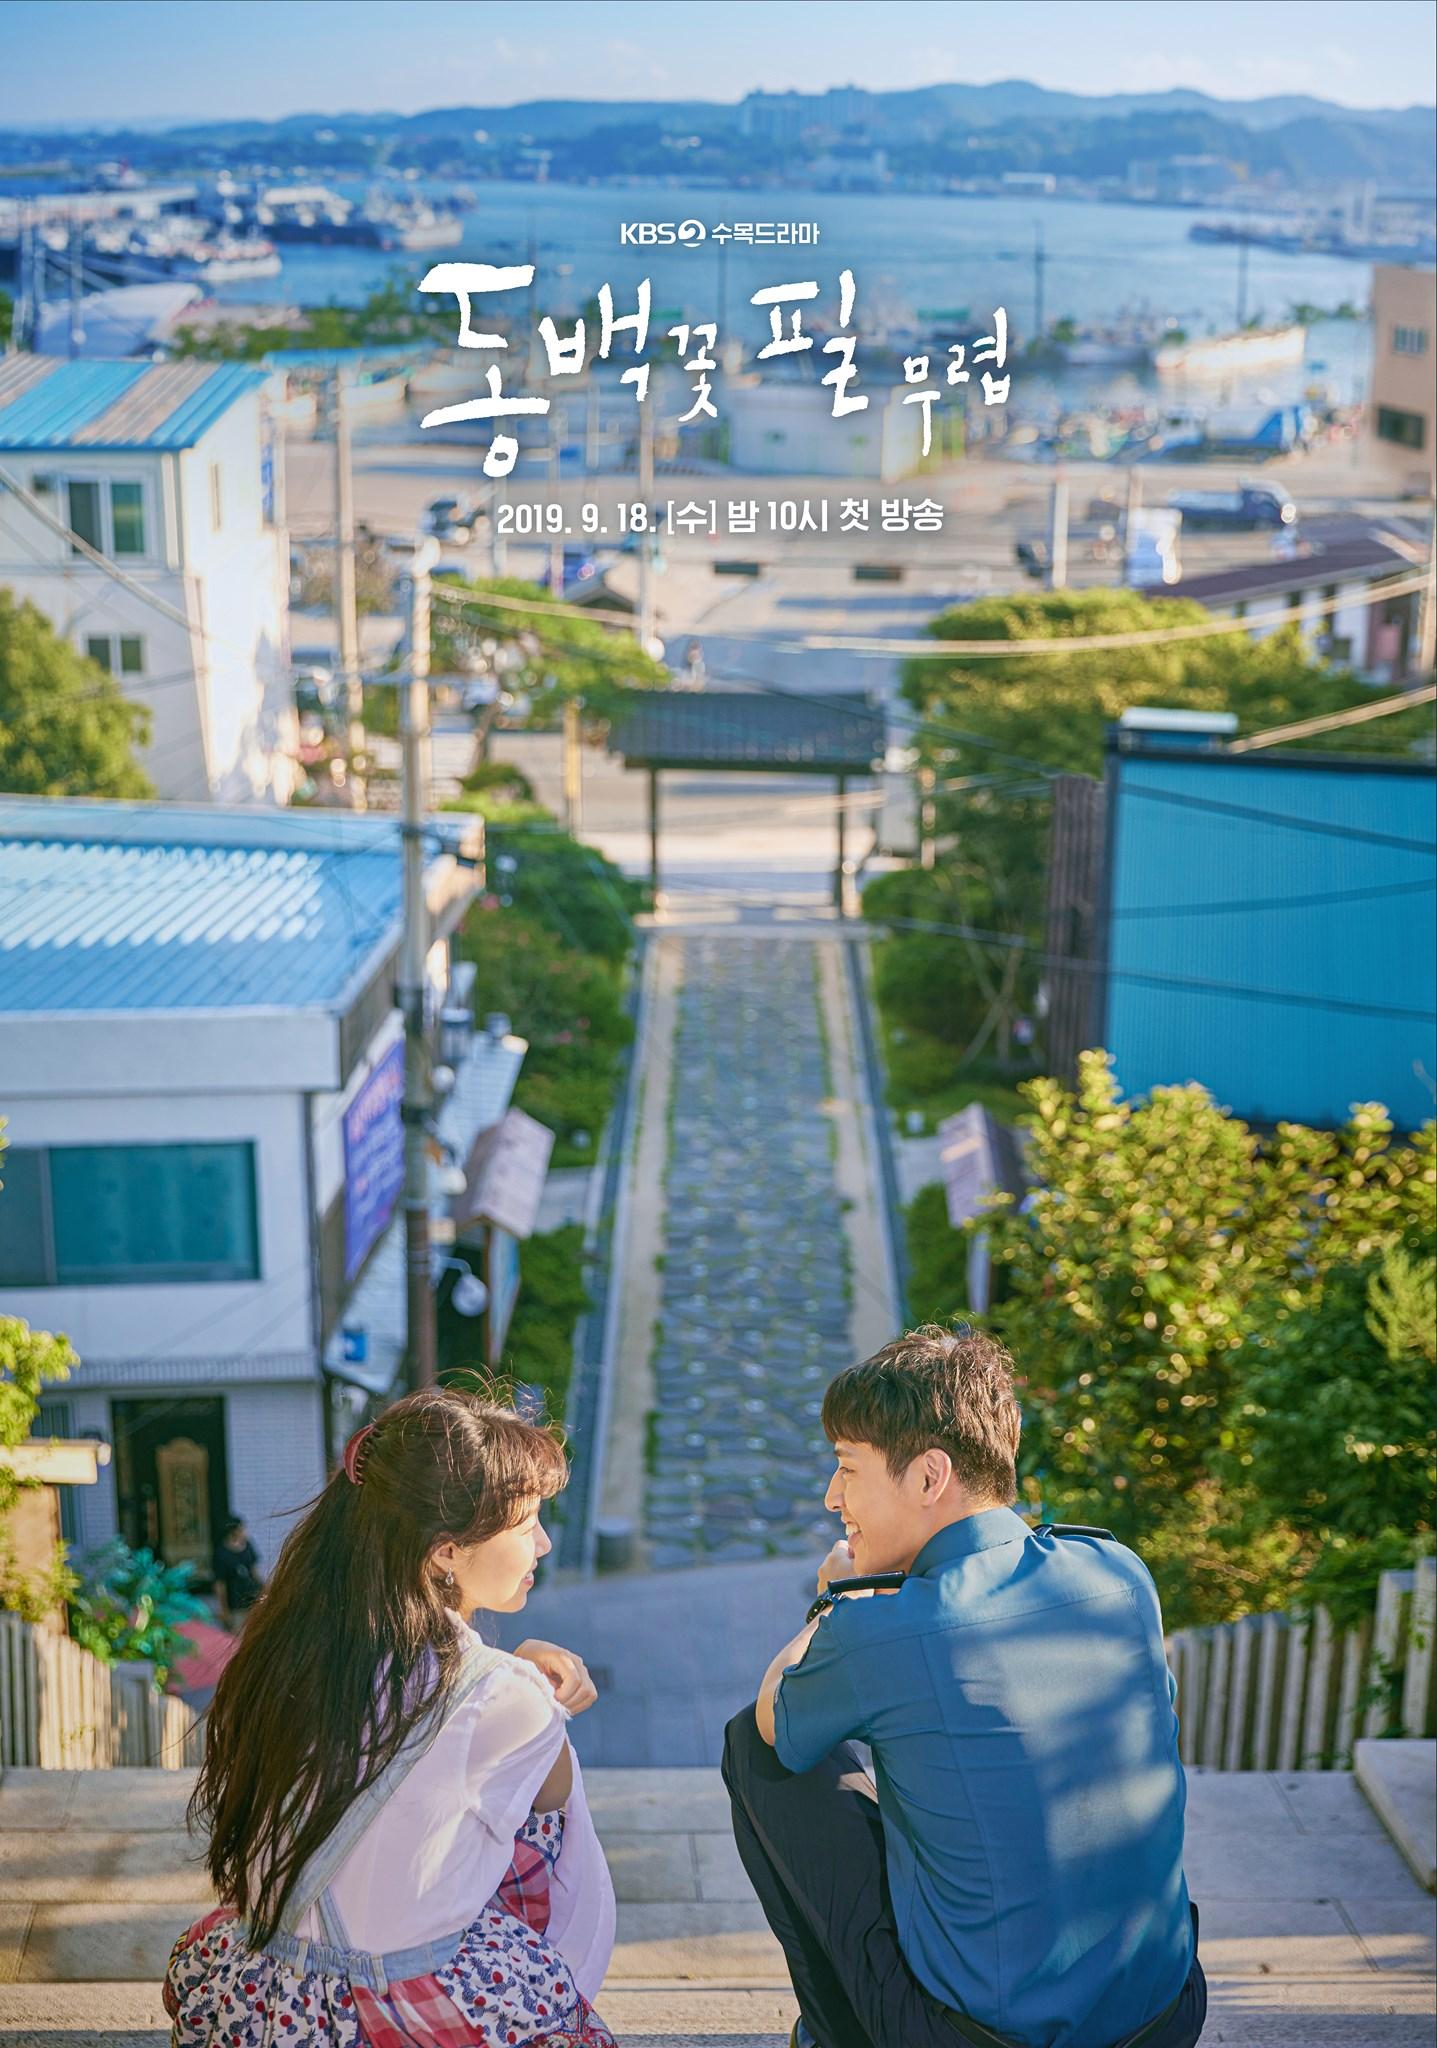 韩剧收视:《山茶花》刷新收视 《优雅母女》破10